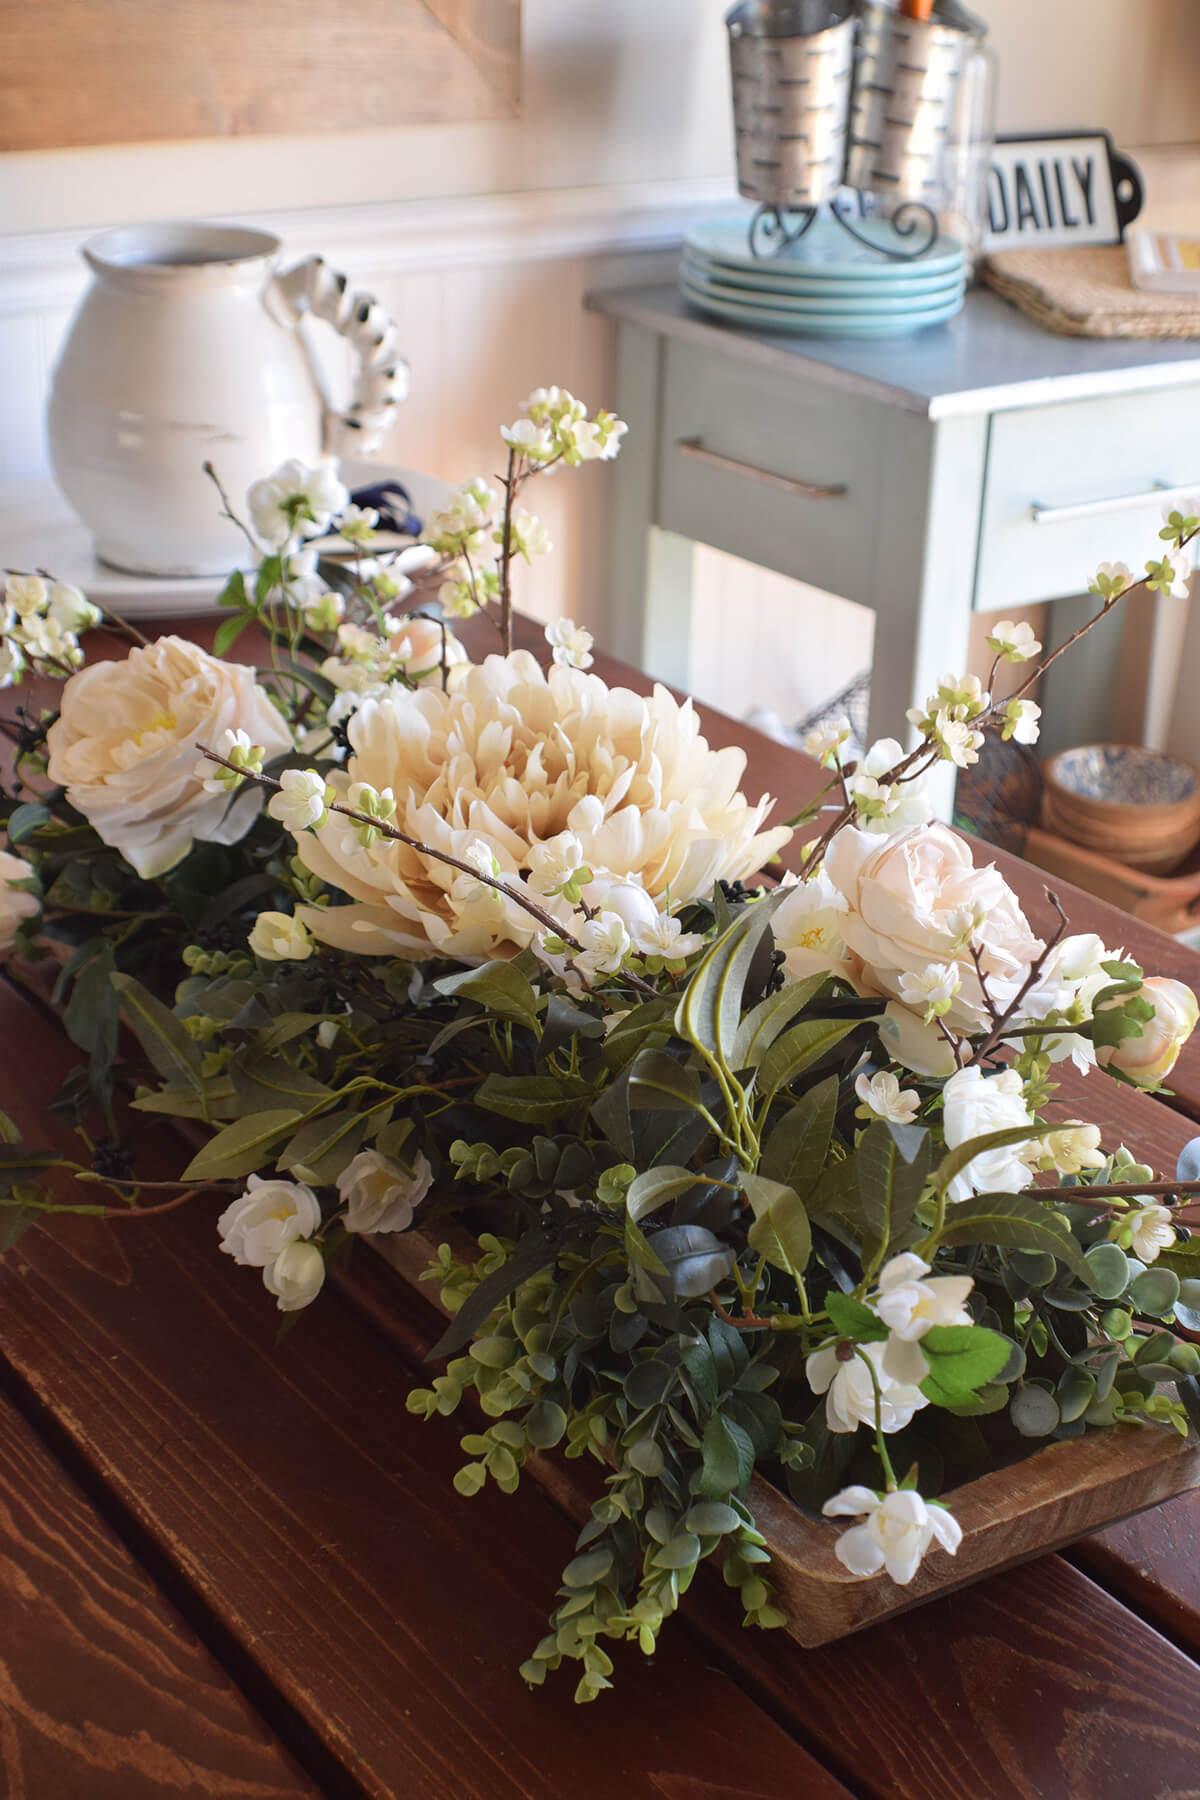 Best Rustic Home Decor Floral Centerpiece